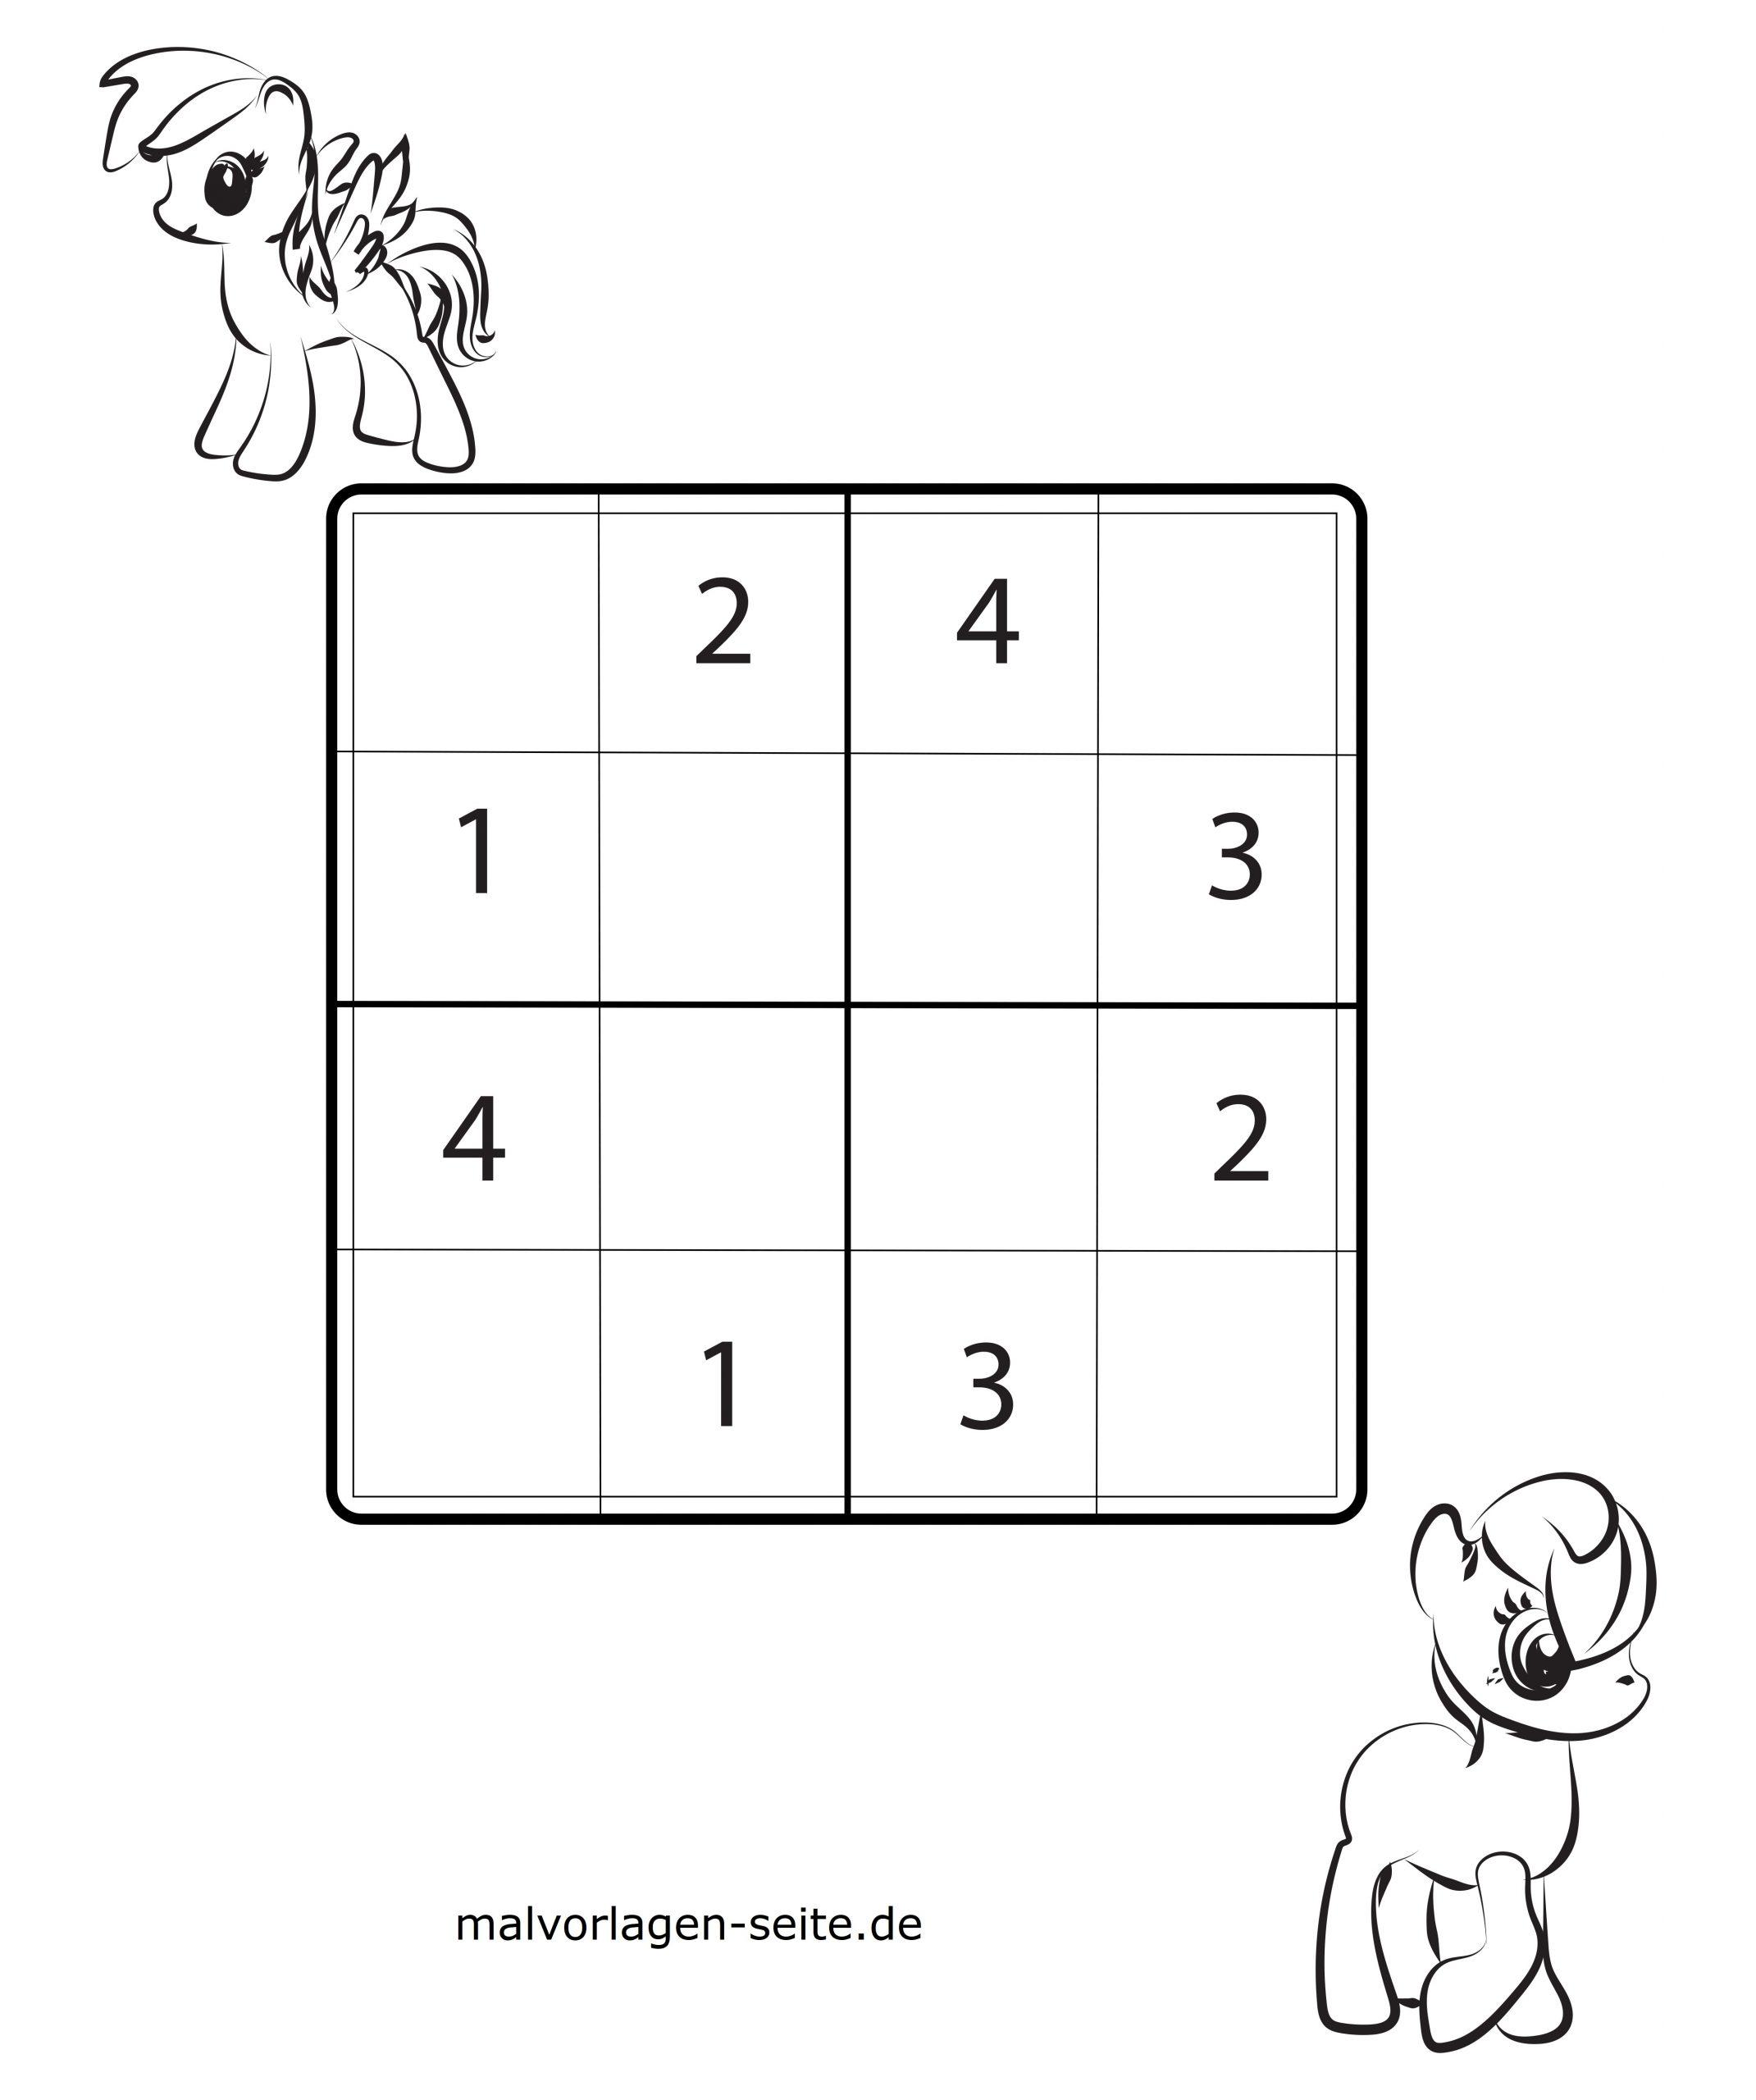 Sudoko Vorlagen Für Kinder 4X4 Kostenlos Herunderladen Und bei Sudoku Kostenlos Ausdrucken